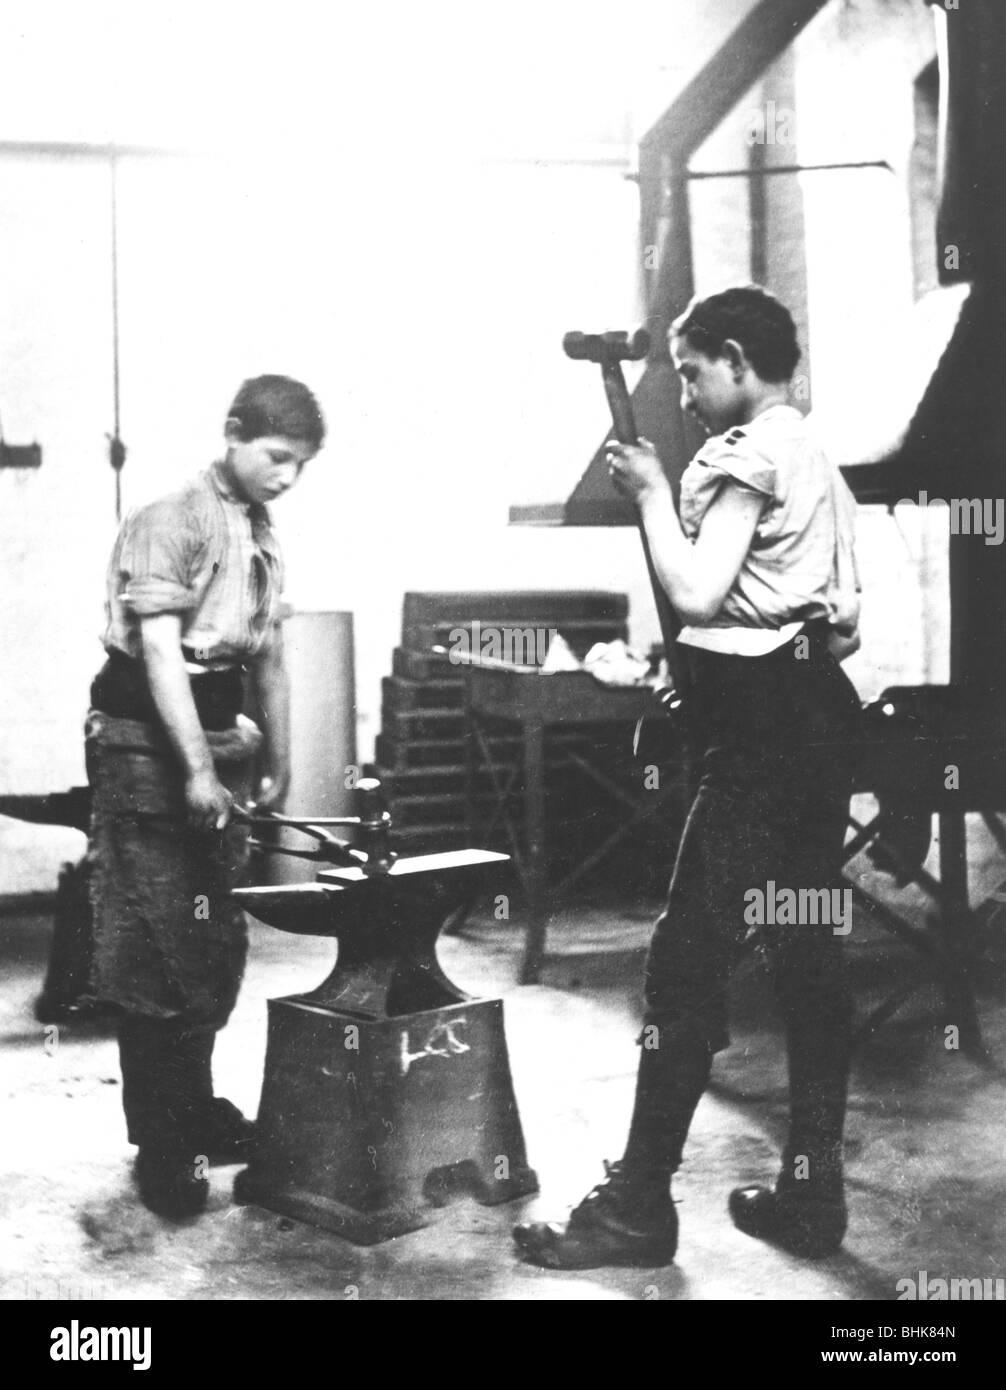 Boys learning blacksmith's skills, Jewish Free School, 1900-1910. - Stock Image